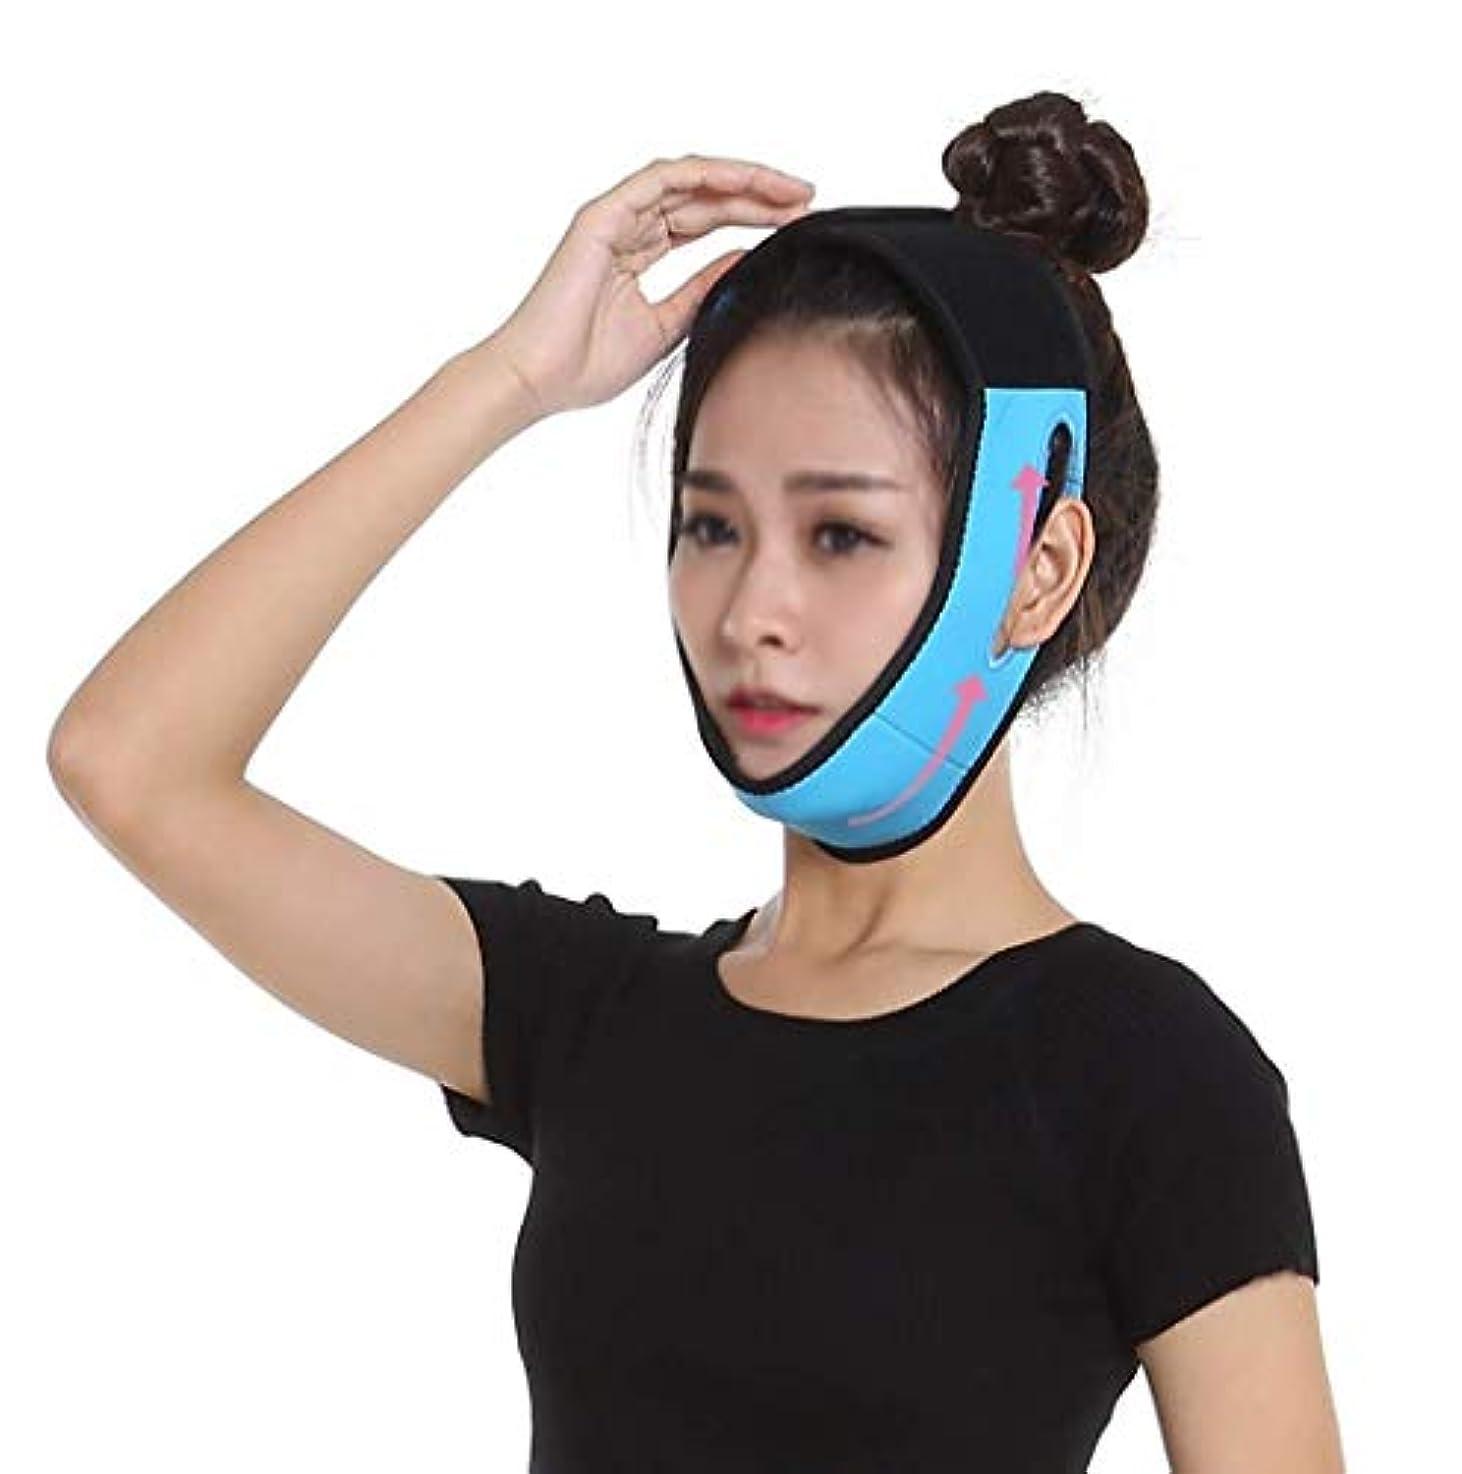 わかる社会科わかるスリミングベルト、フェイスマスクVフェイスアーティファクトマッサージマスクは、あごの筋肉の収縮を強化し、Vフェイスリフトを簡単に形成するタイトな青い包帯